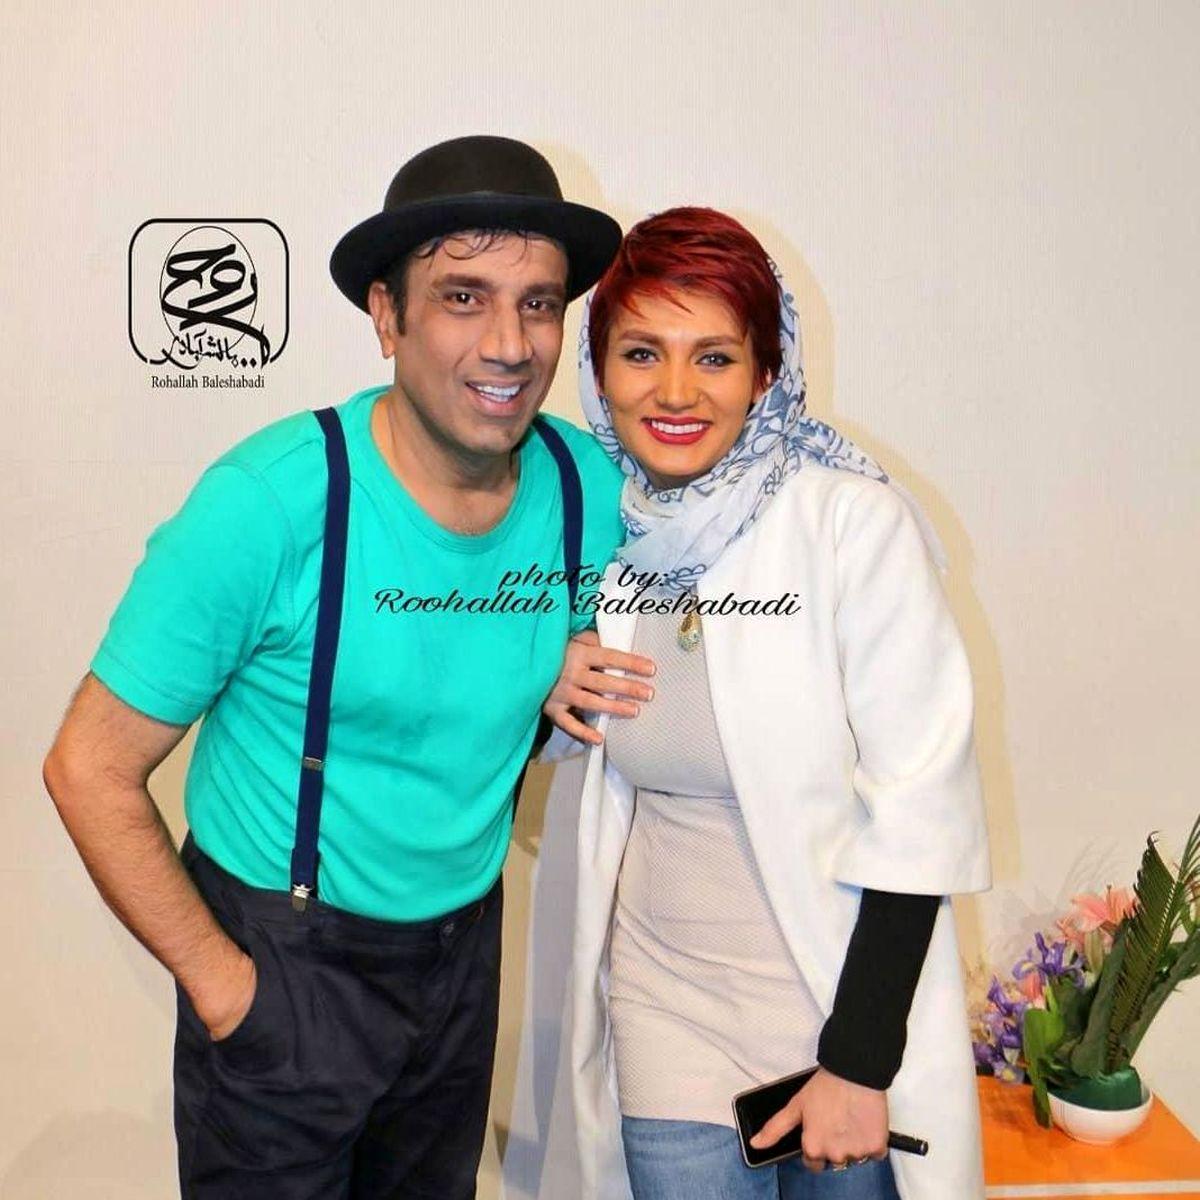 نصرالله رادش در کنار همسرش + عکس